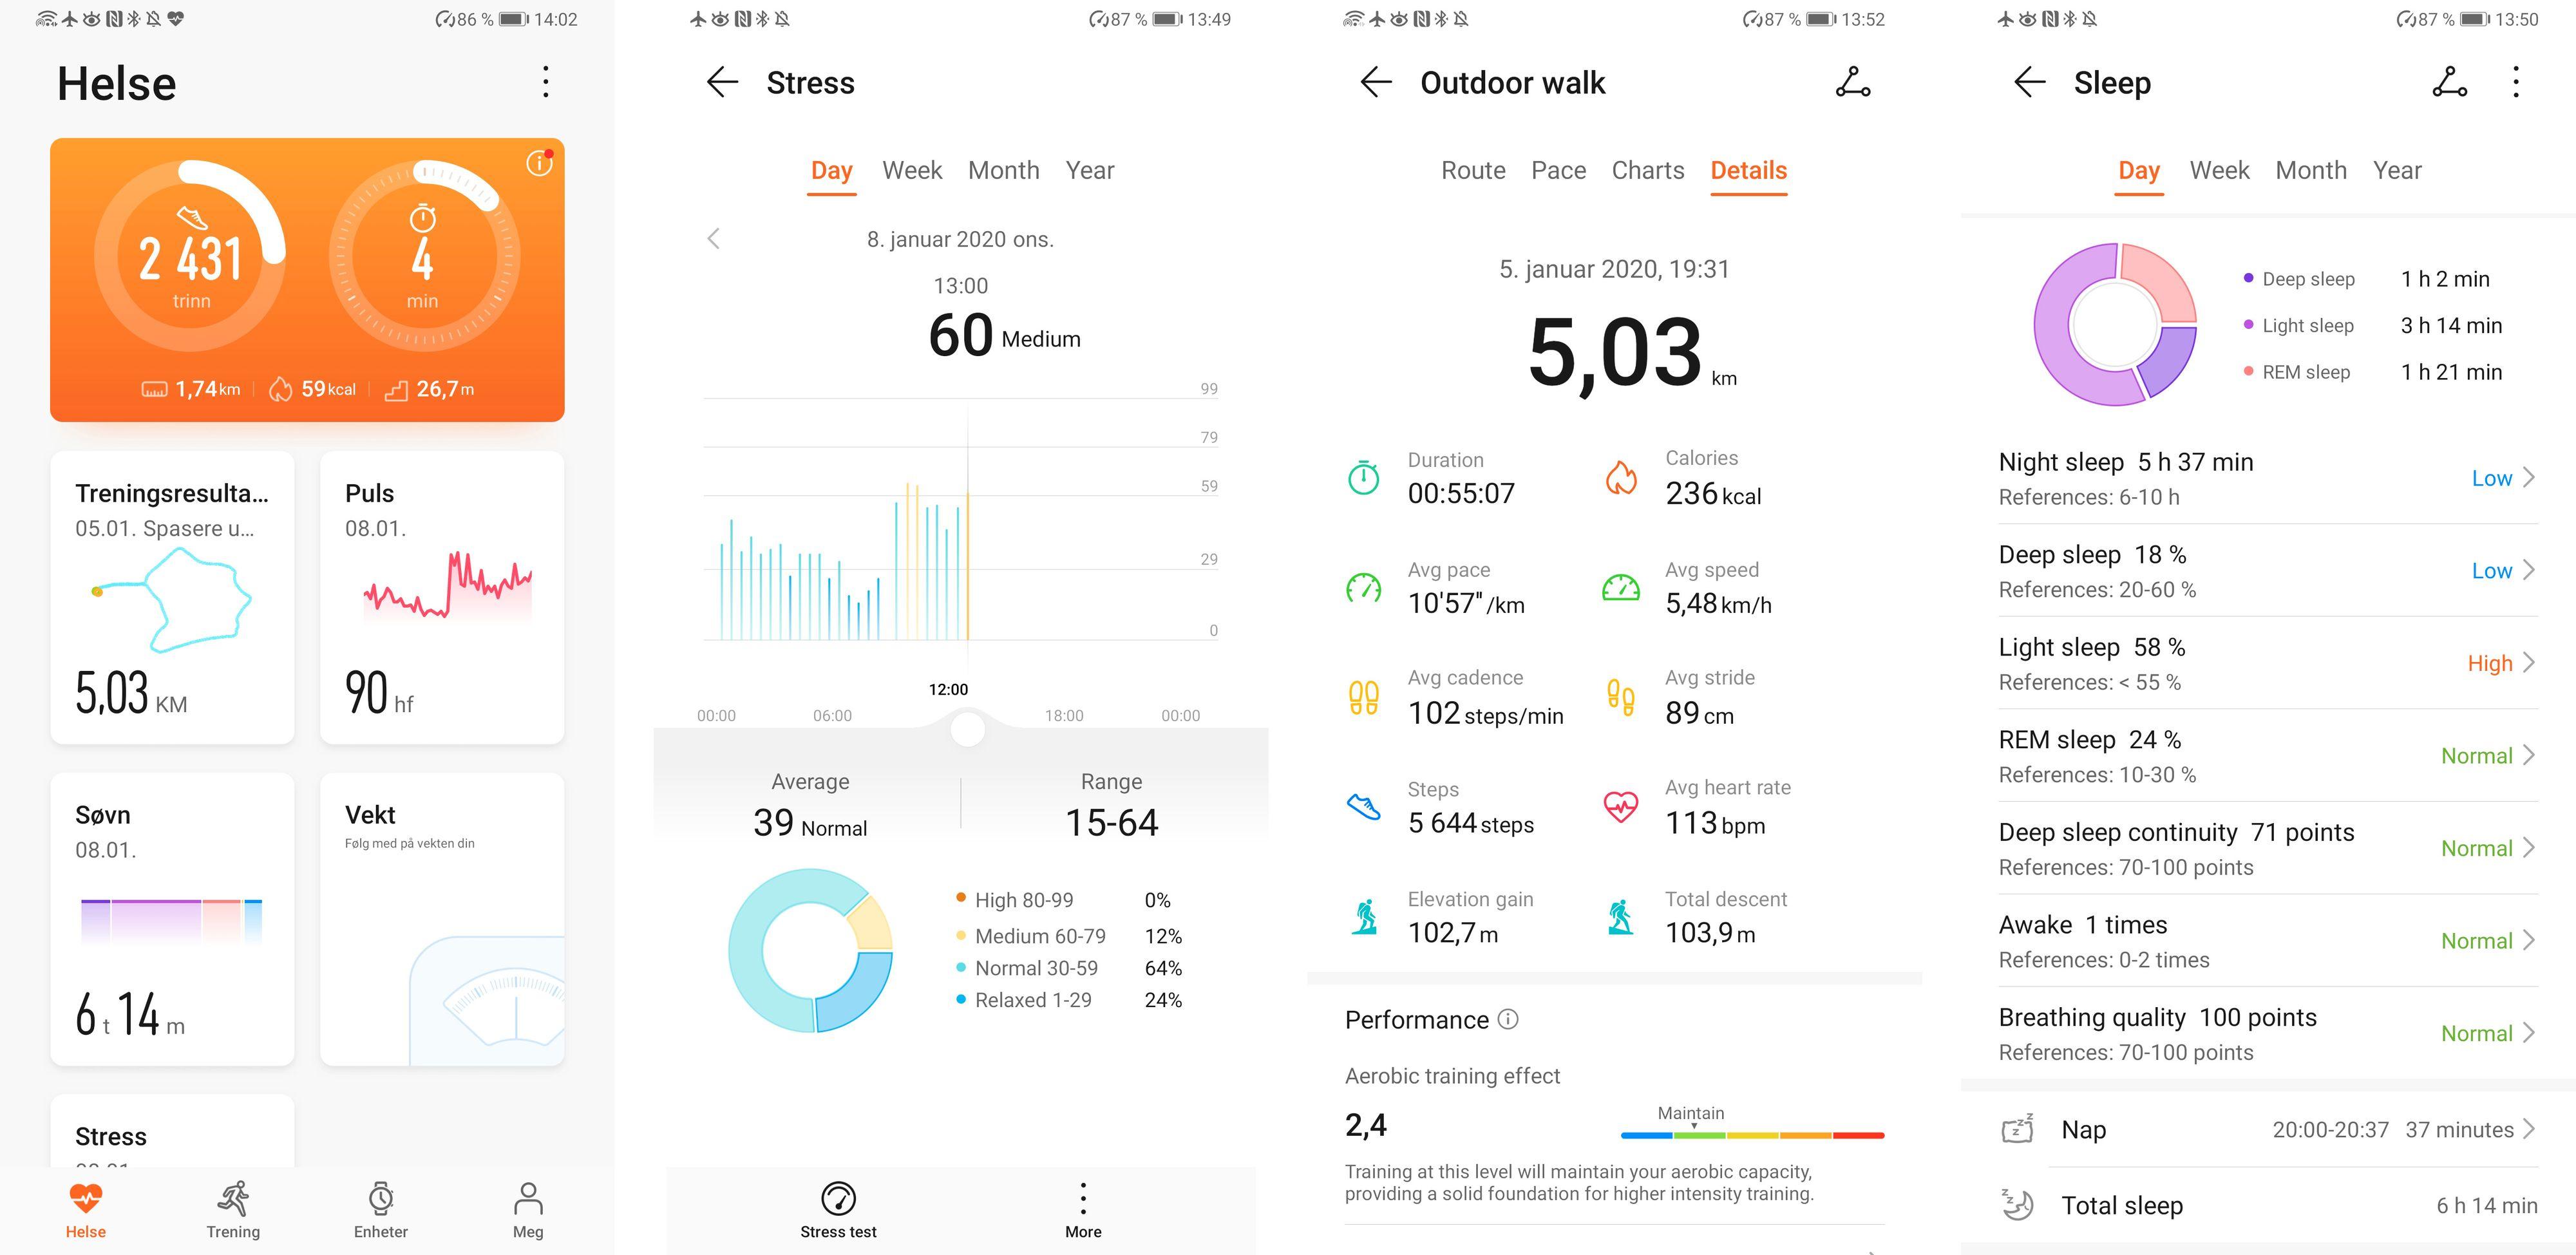 Appen gir et vell av informasjon om helse og aktivitet. Klokka kan måle enkelte faktorer som ikke Samsung eller Apple har i sine verktøykasser, for eksempel stress over tid.